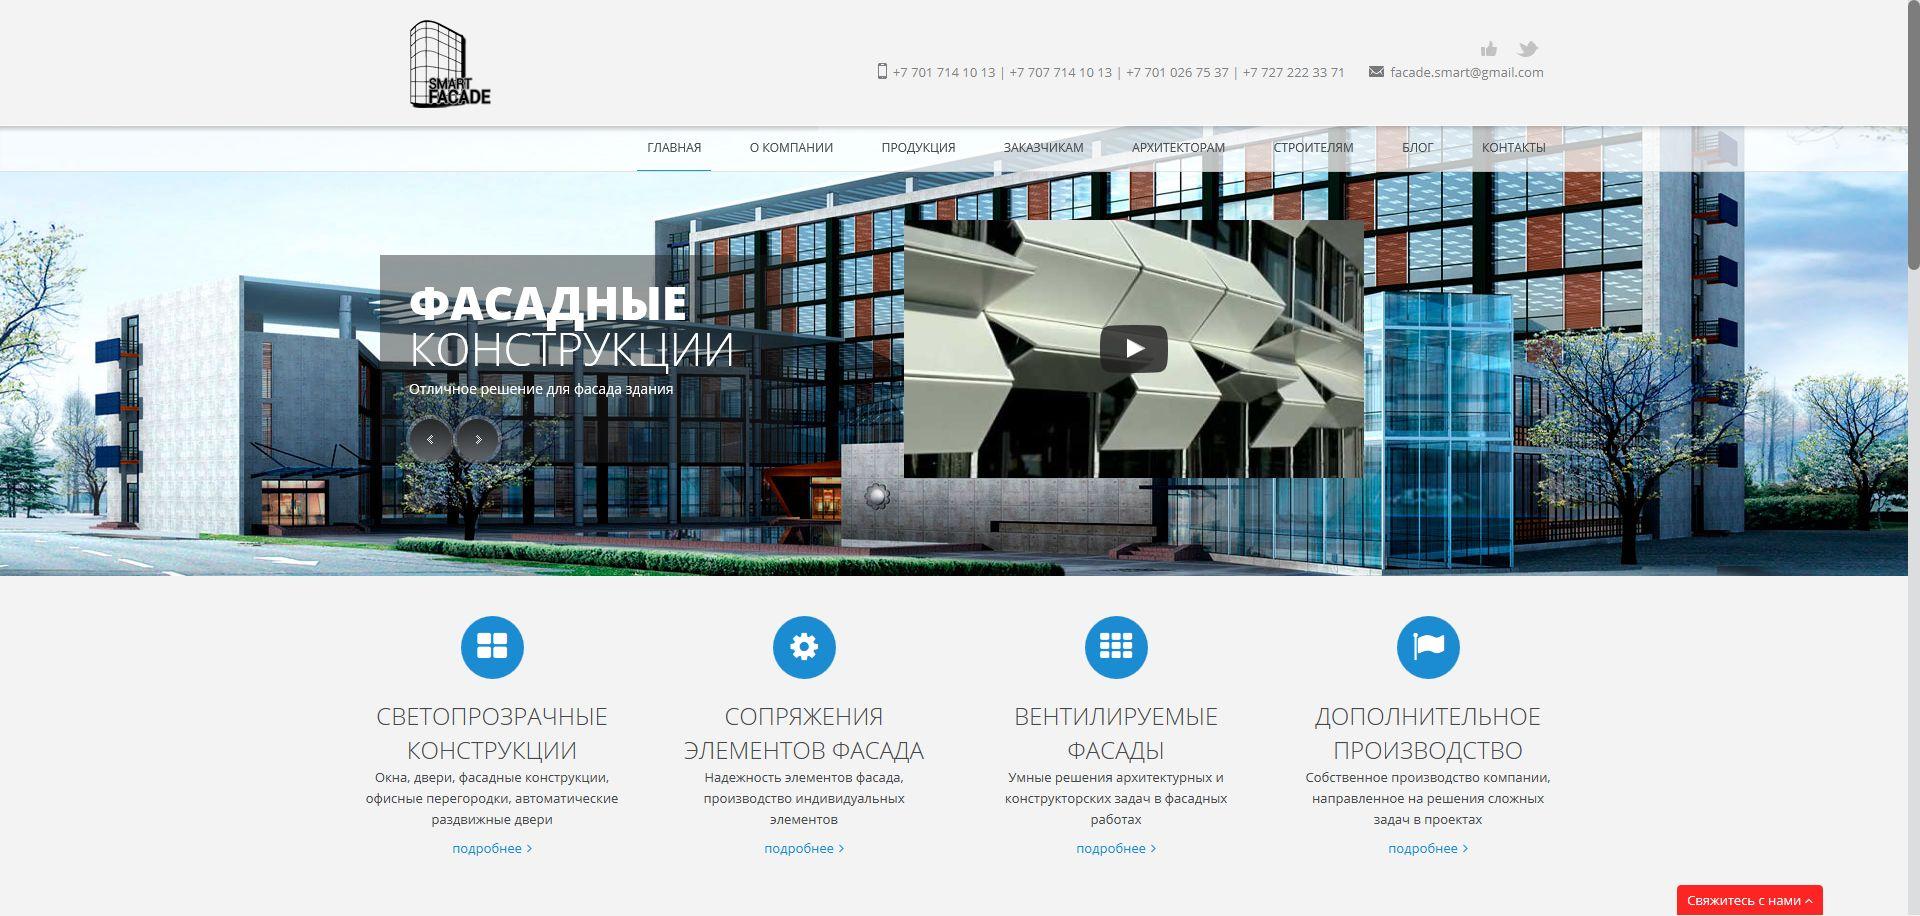 smartfacade_kz_homepage3